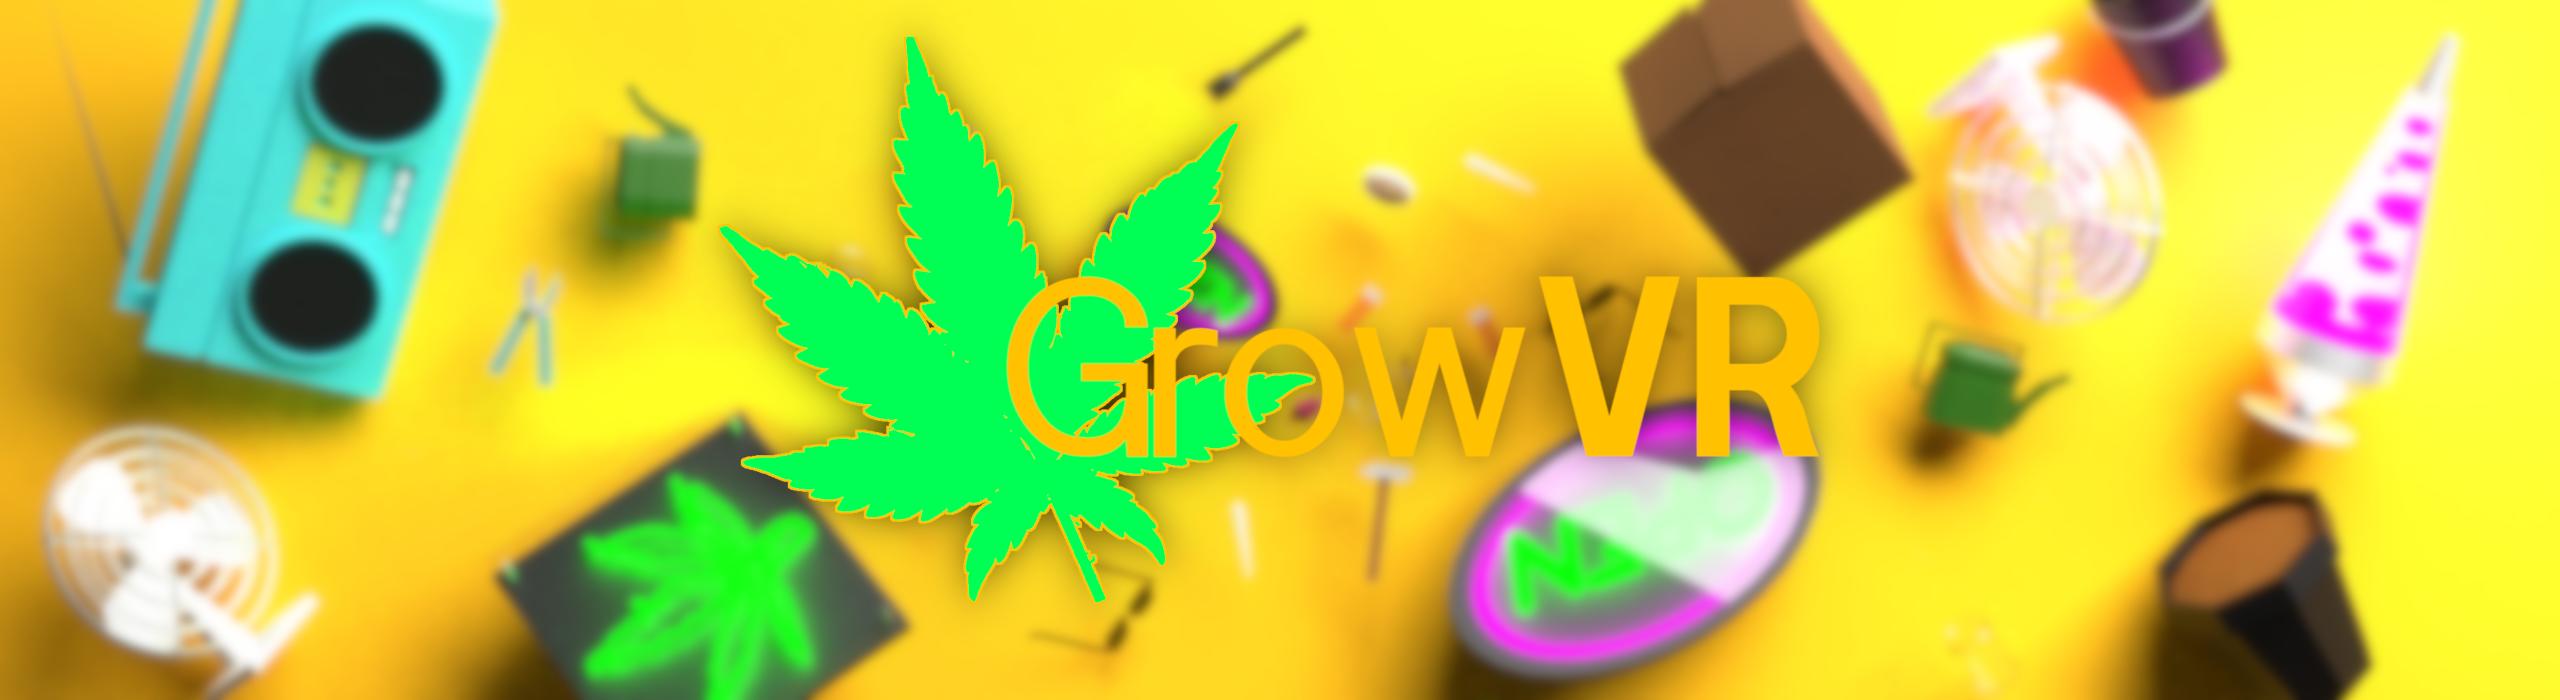 GrowVR